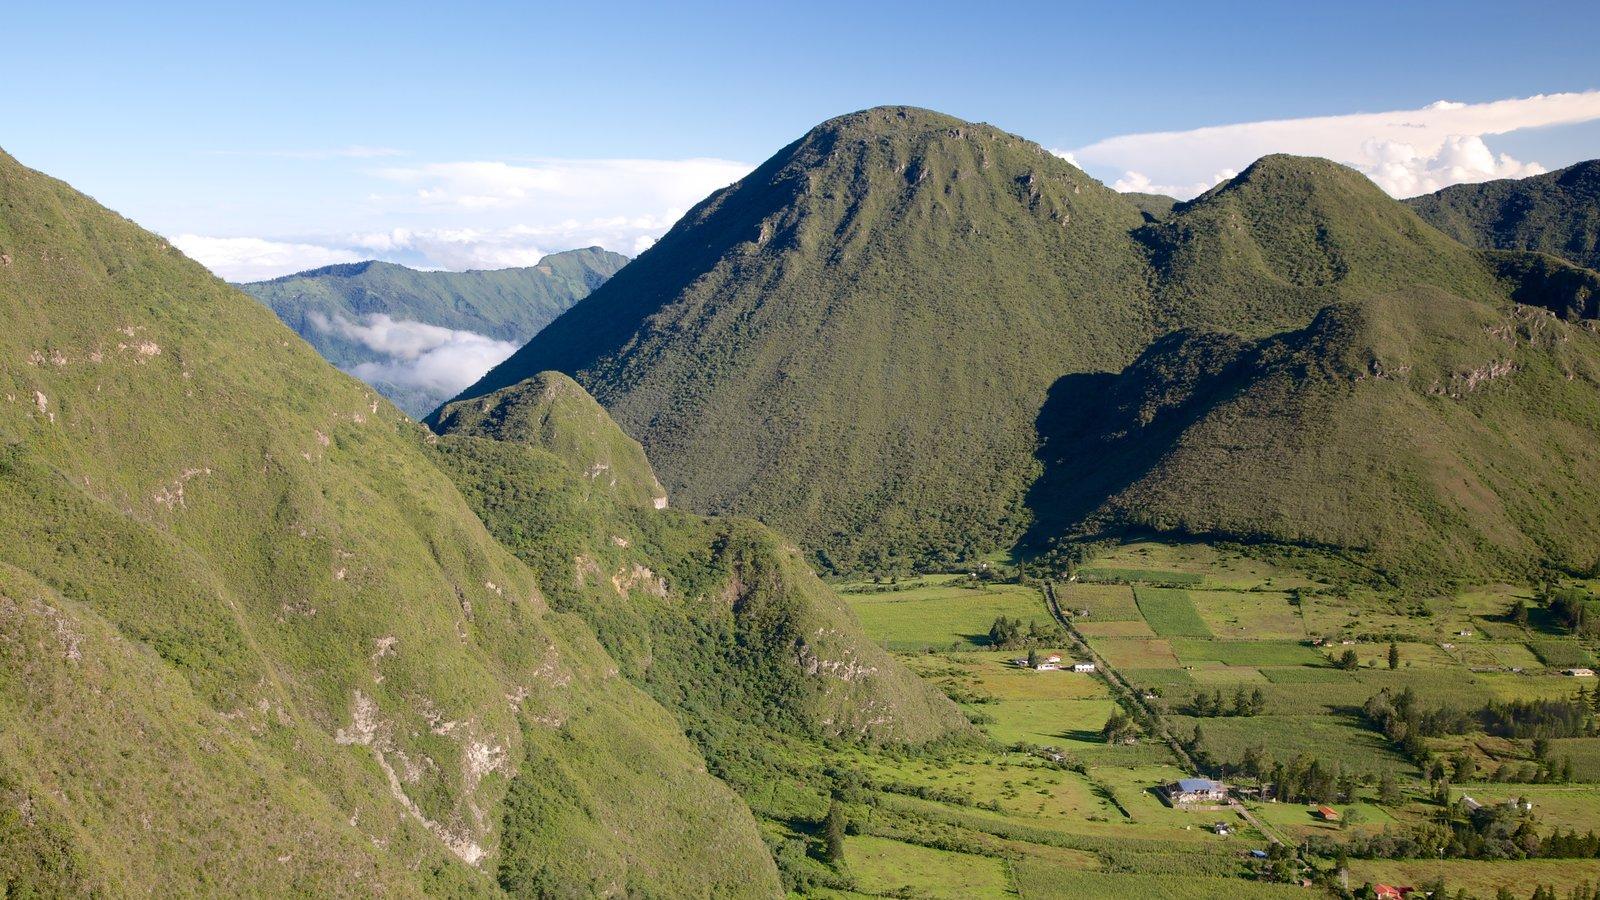 Quito que inclui paisagem, montanhas e fazenda